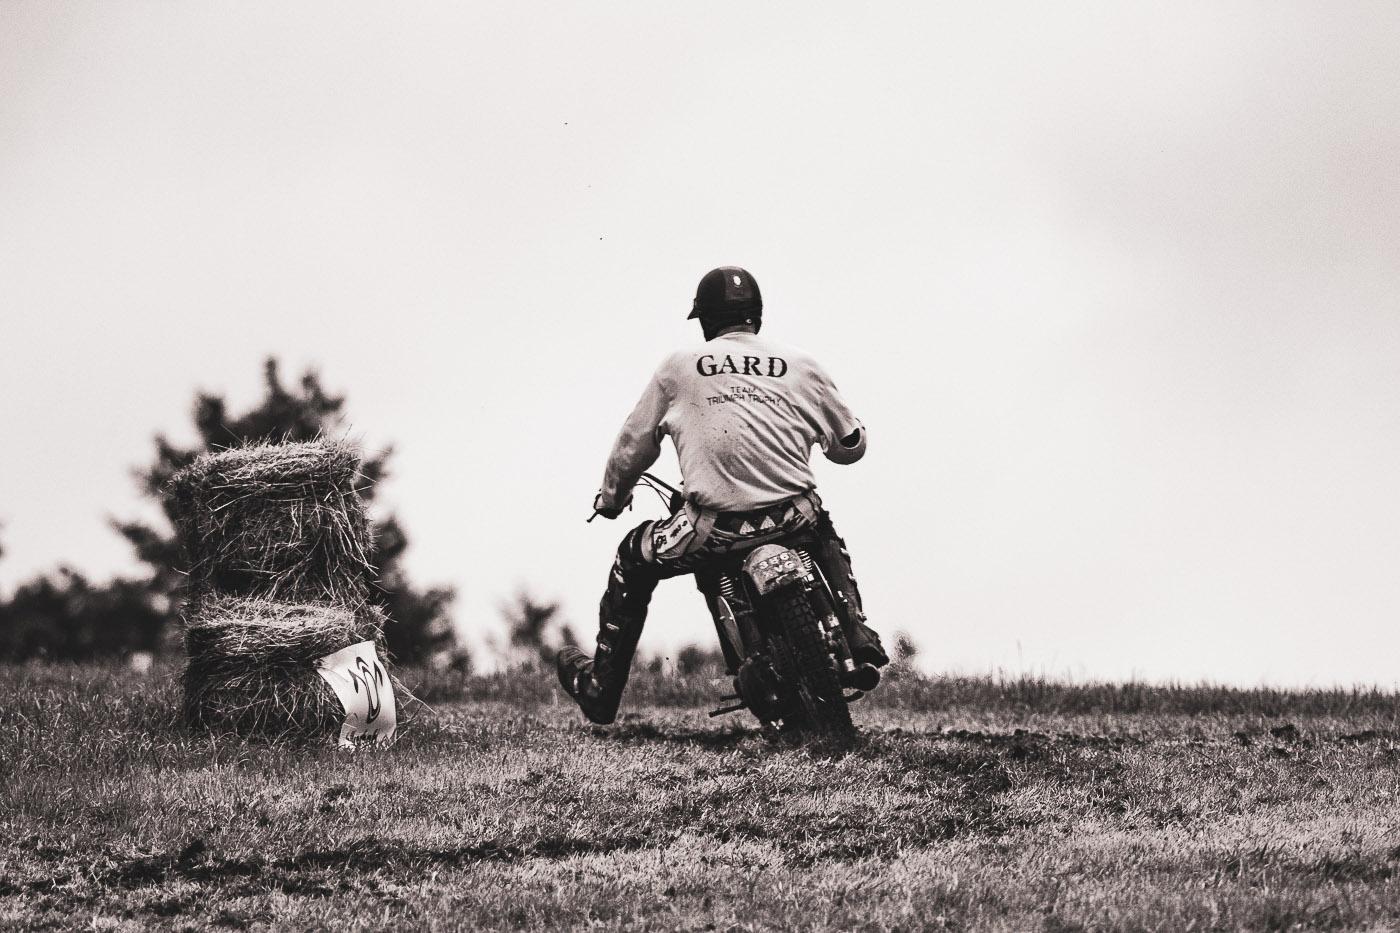 Custom Scrambler Racing in a field